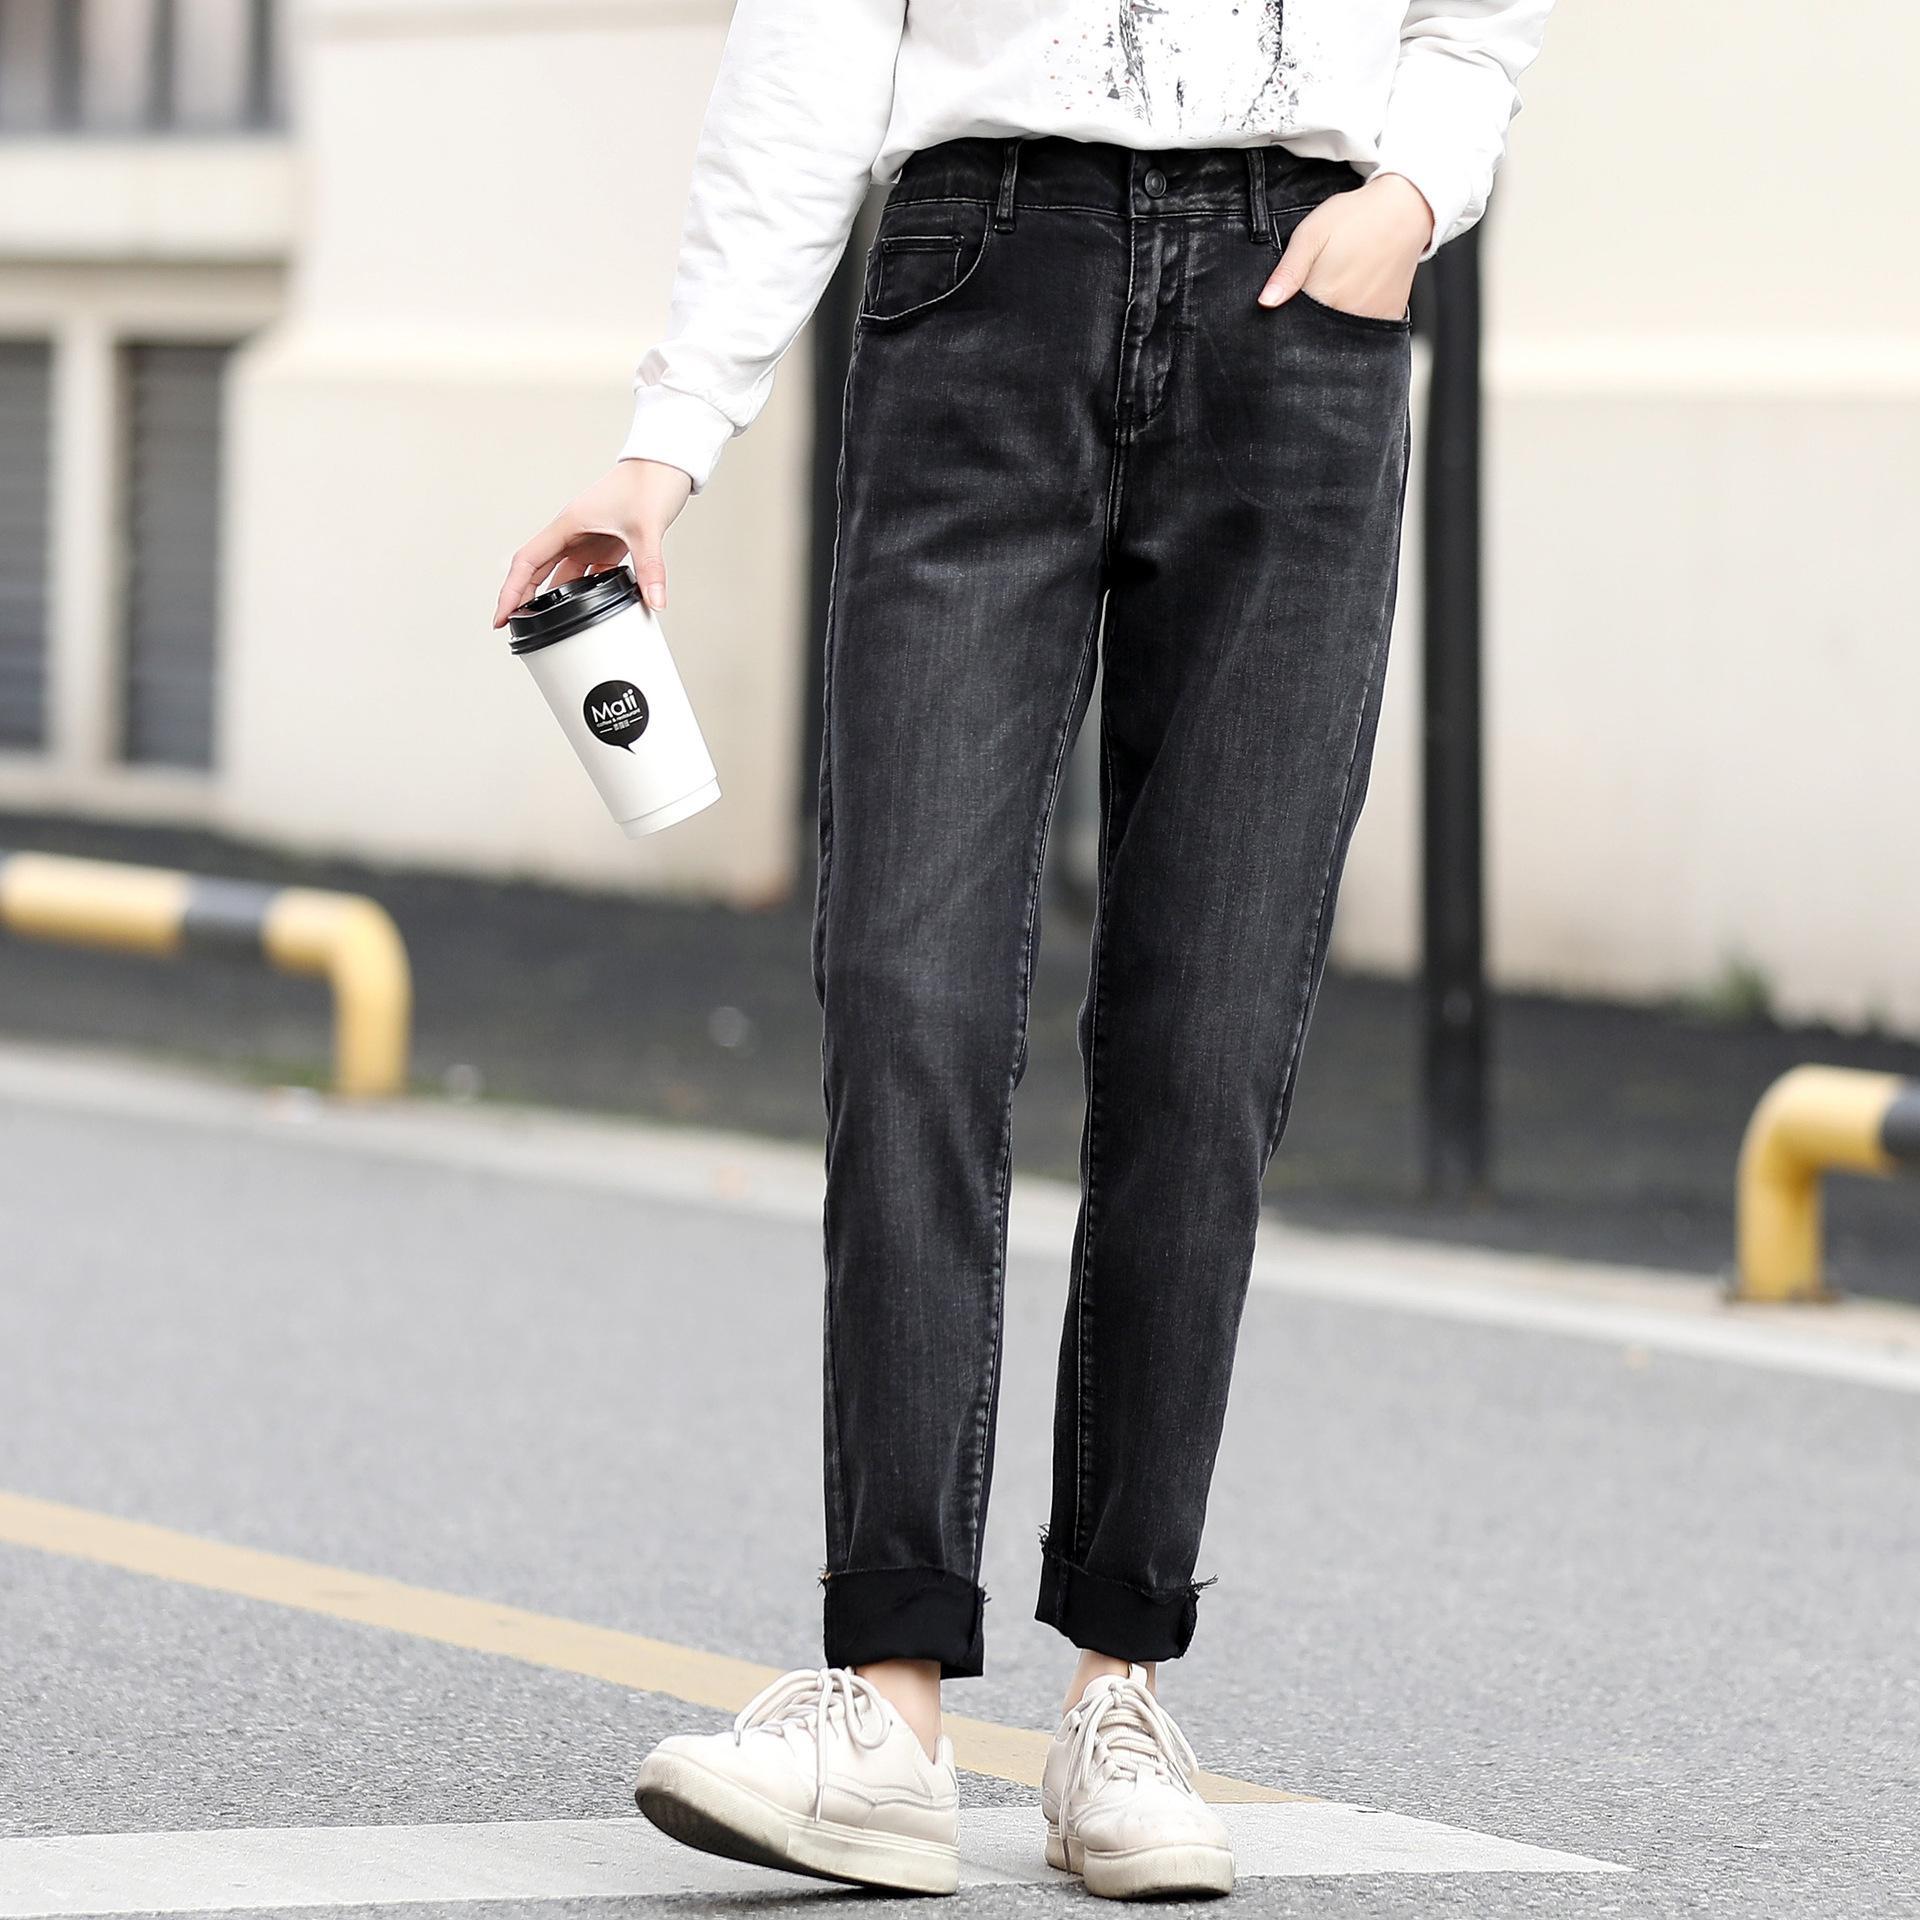 FTztr Boutique Schlankheits lässige Jeans 200kg Fett MM Frühjahr tragen alle Anpassungs schwarzen Leggings enge Hosen Jeans enge Hosen plus Größe Frauen cl